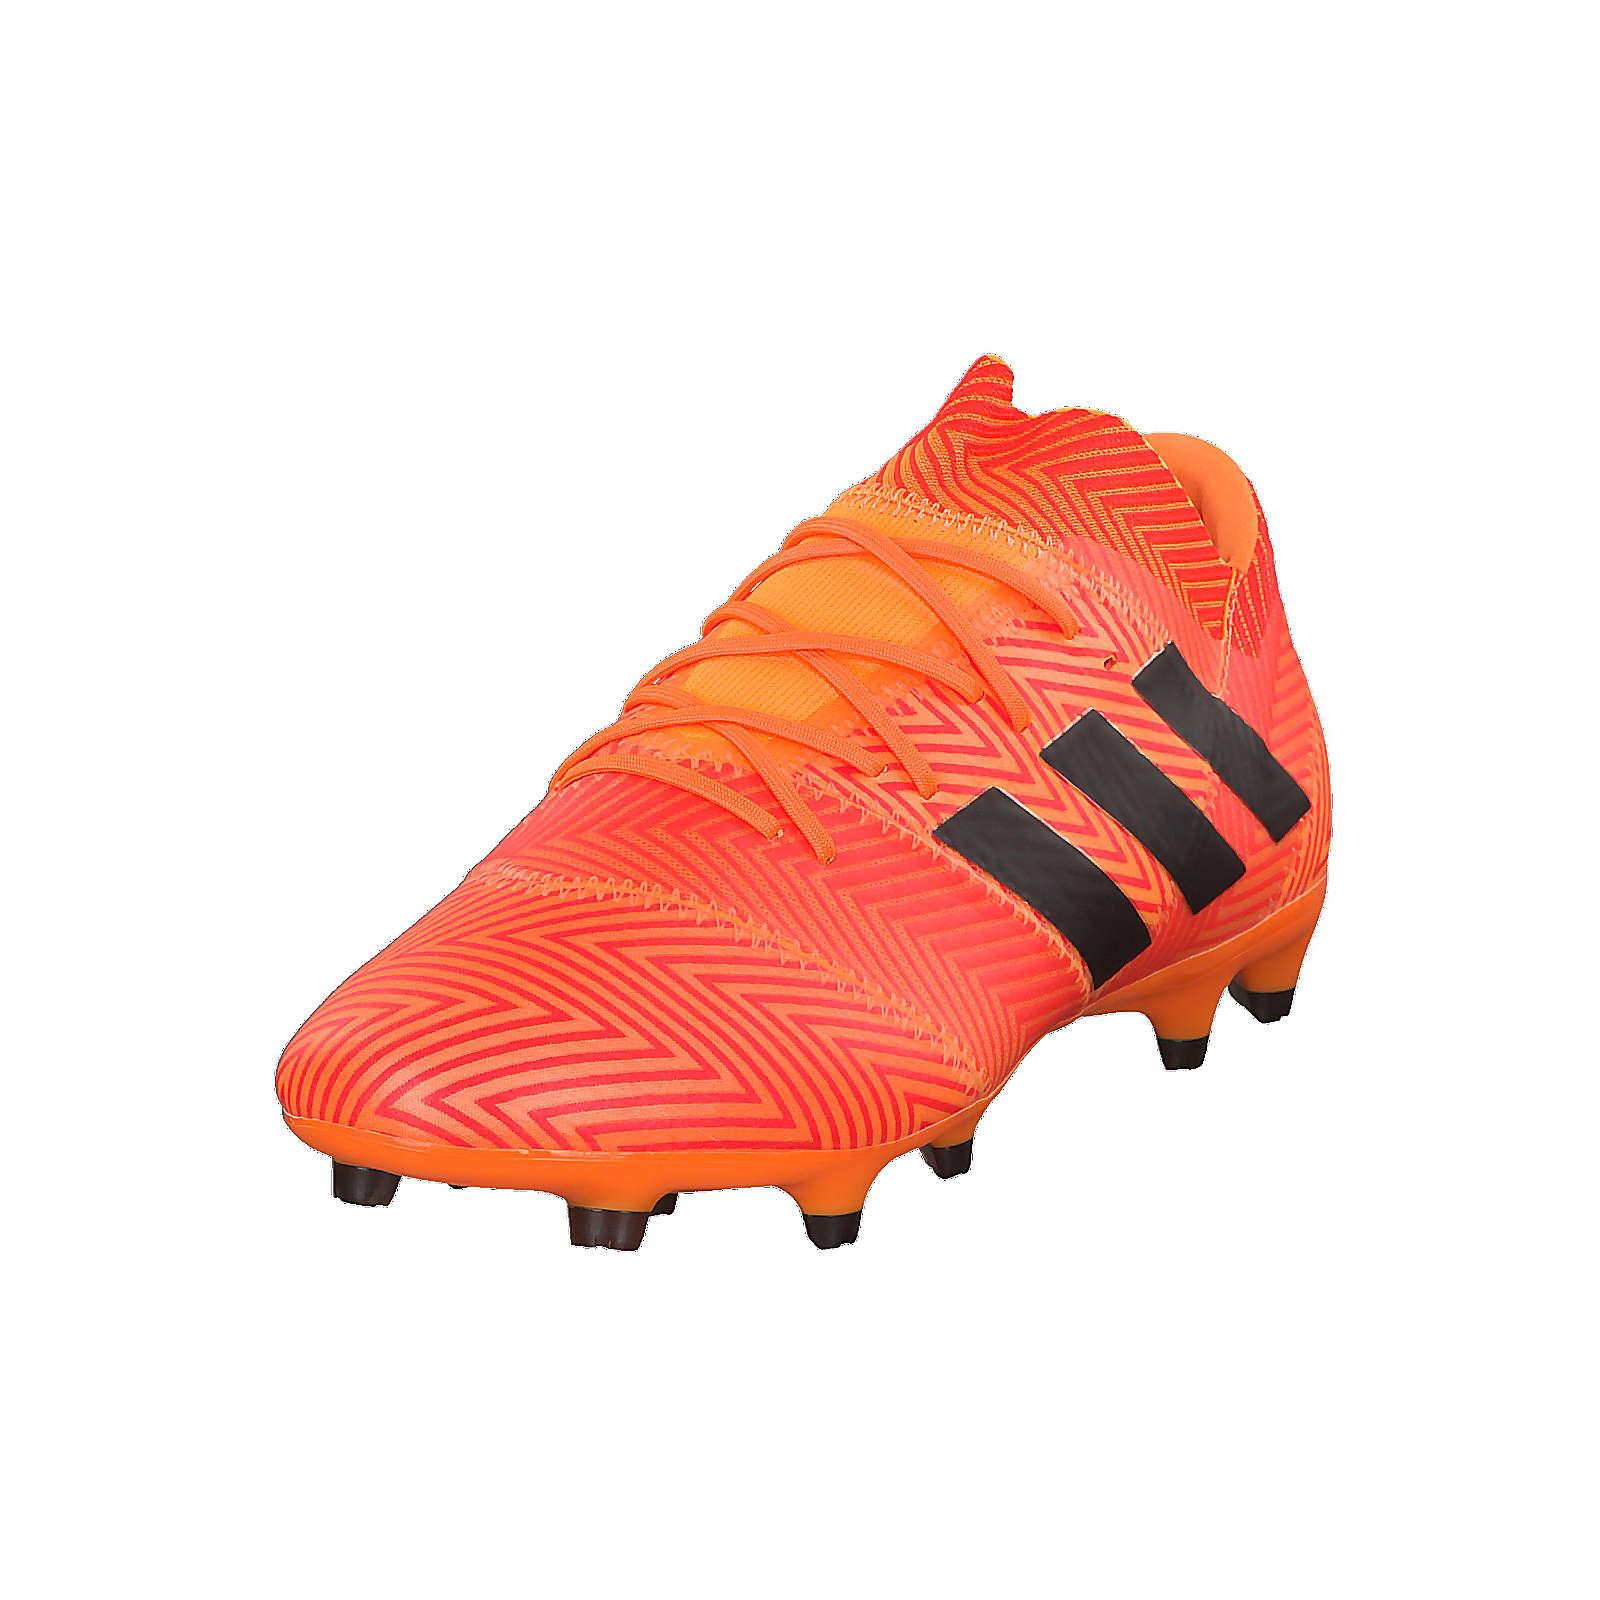 adidas Performance Fußballschuhe NEMEZIZ 18.2 FG DA9580 mit innovativer Stollenkonfiguration Sportschuhe orange Herren Gr. 40 2/3